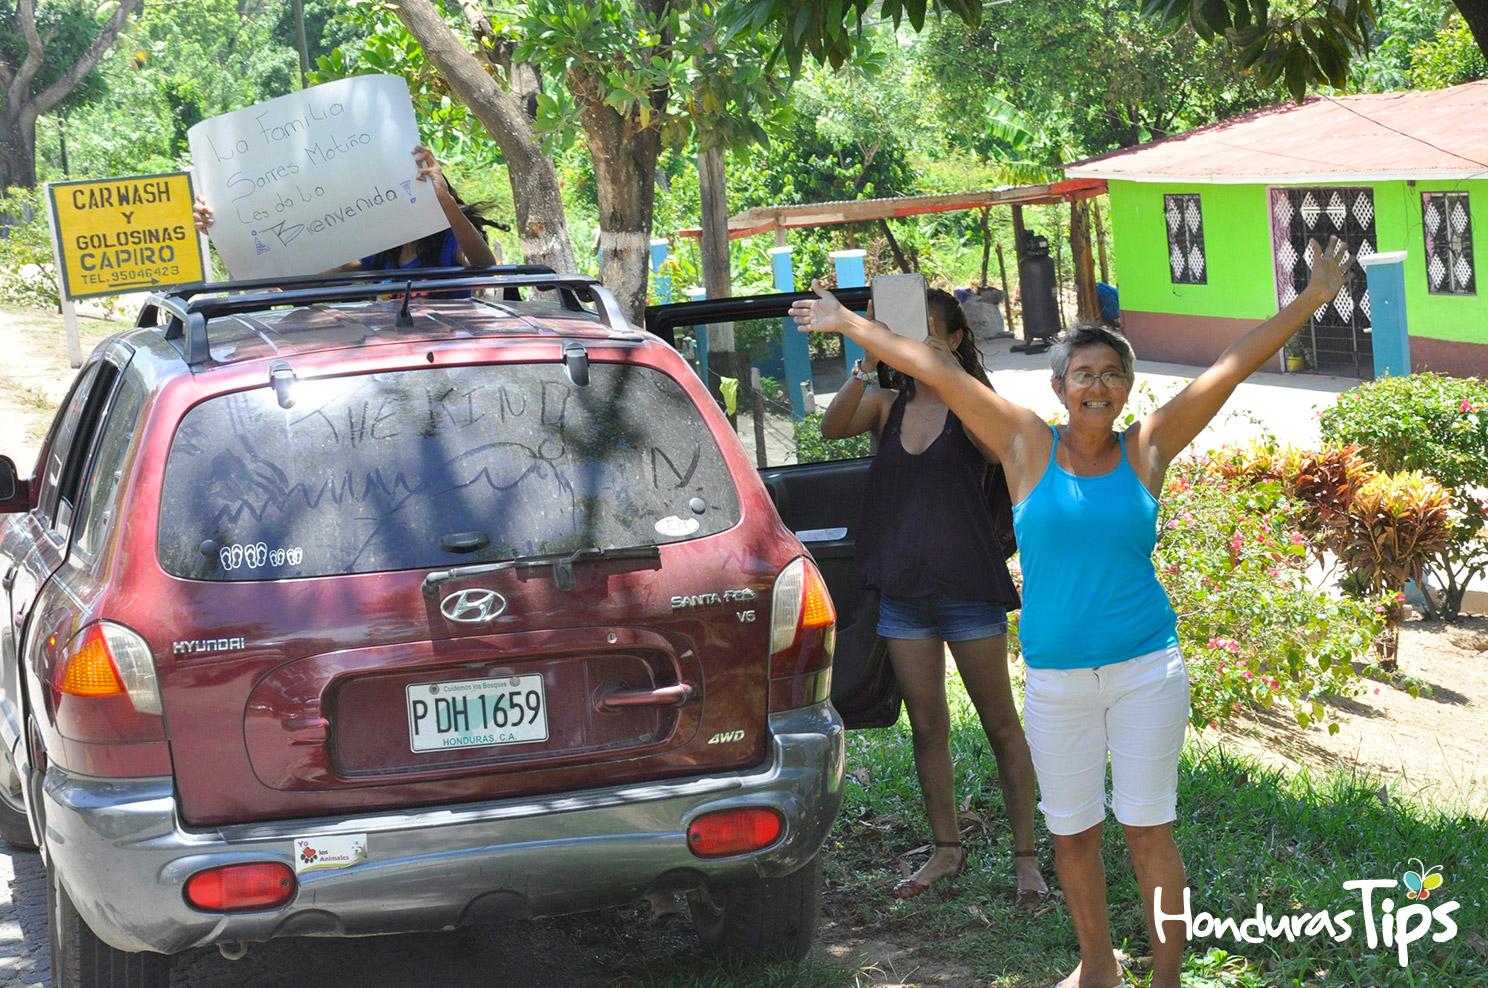 Los habitantes también brindaron una calurosa bienvenida a los visitantes, entre ellos la familia Sarres Motiño.